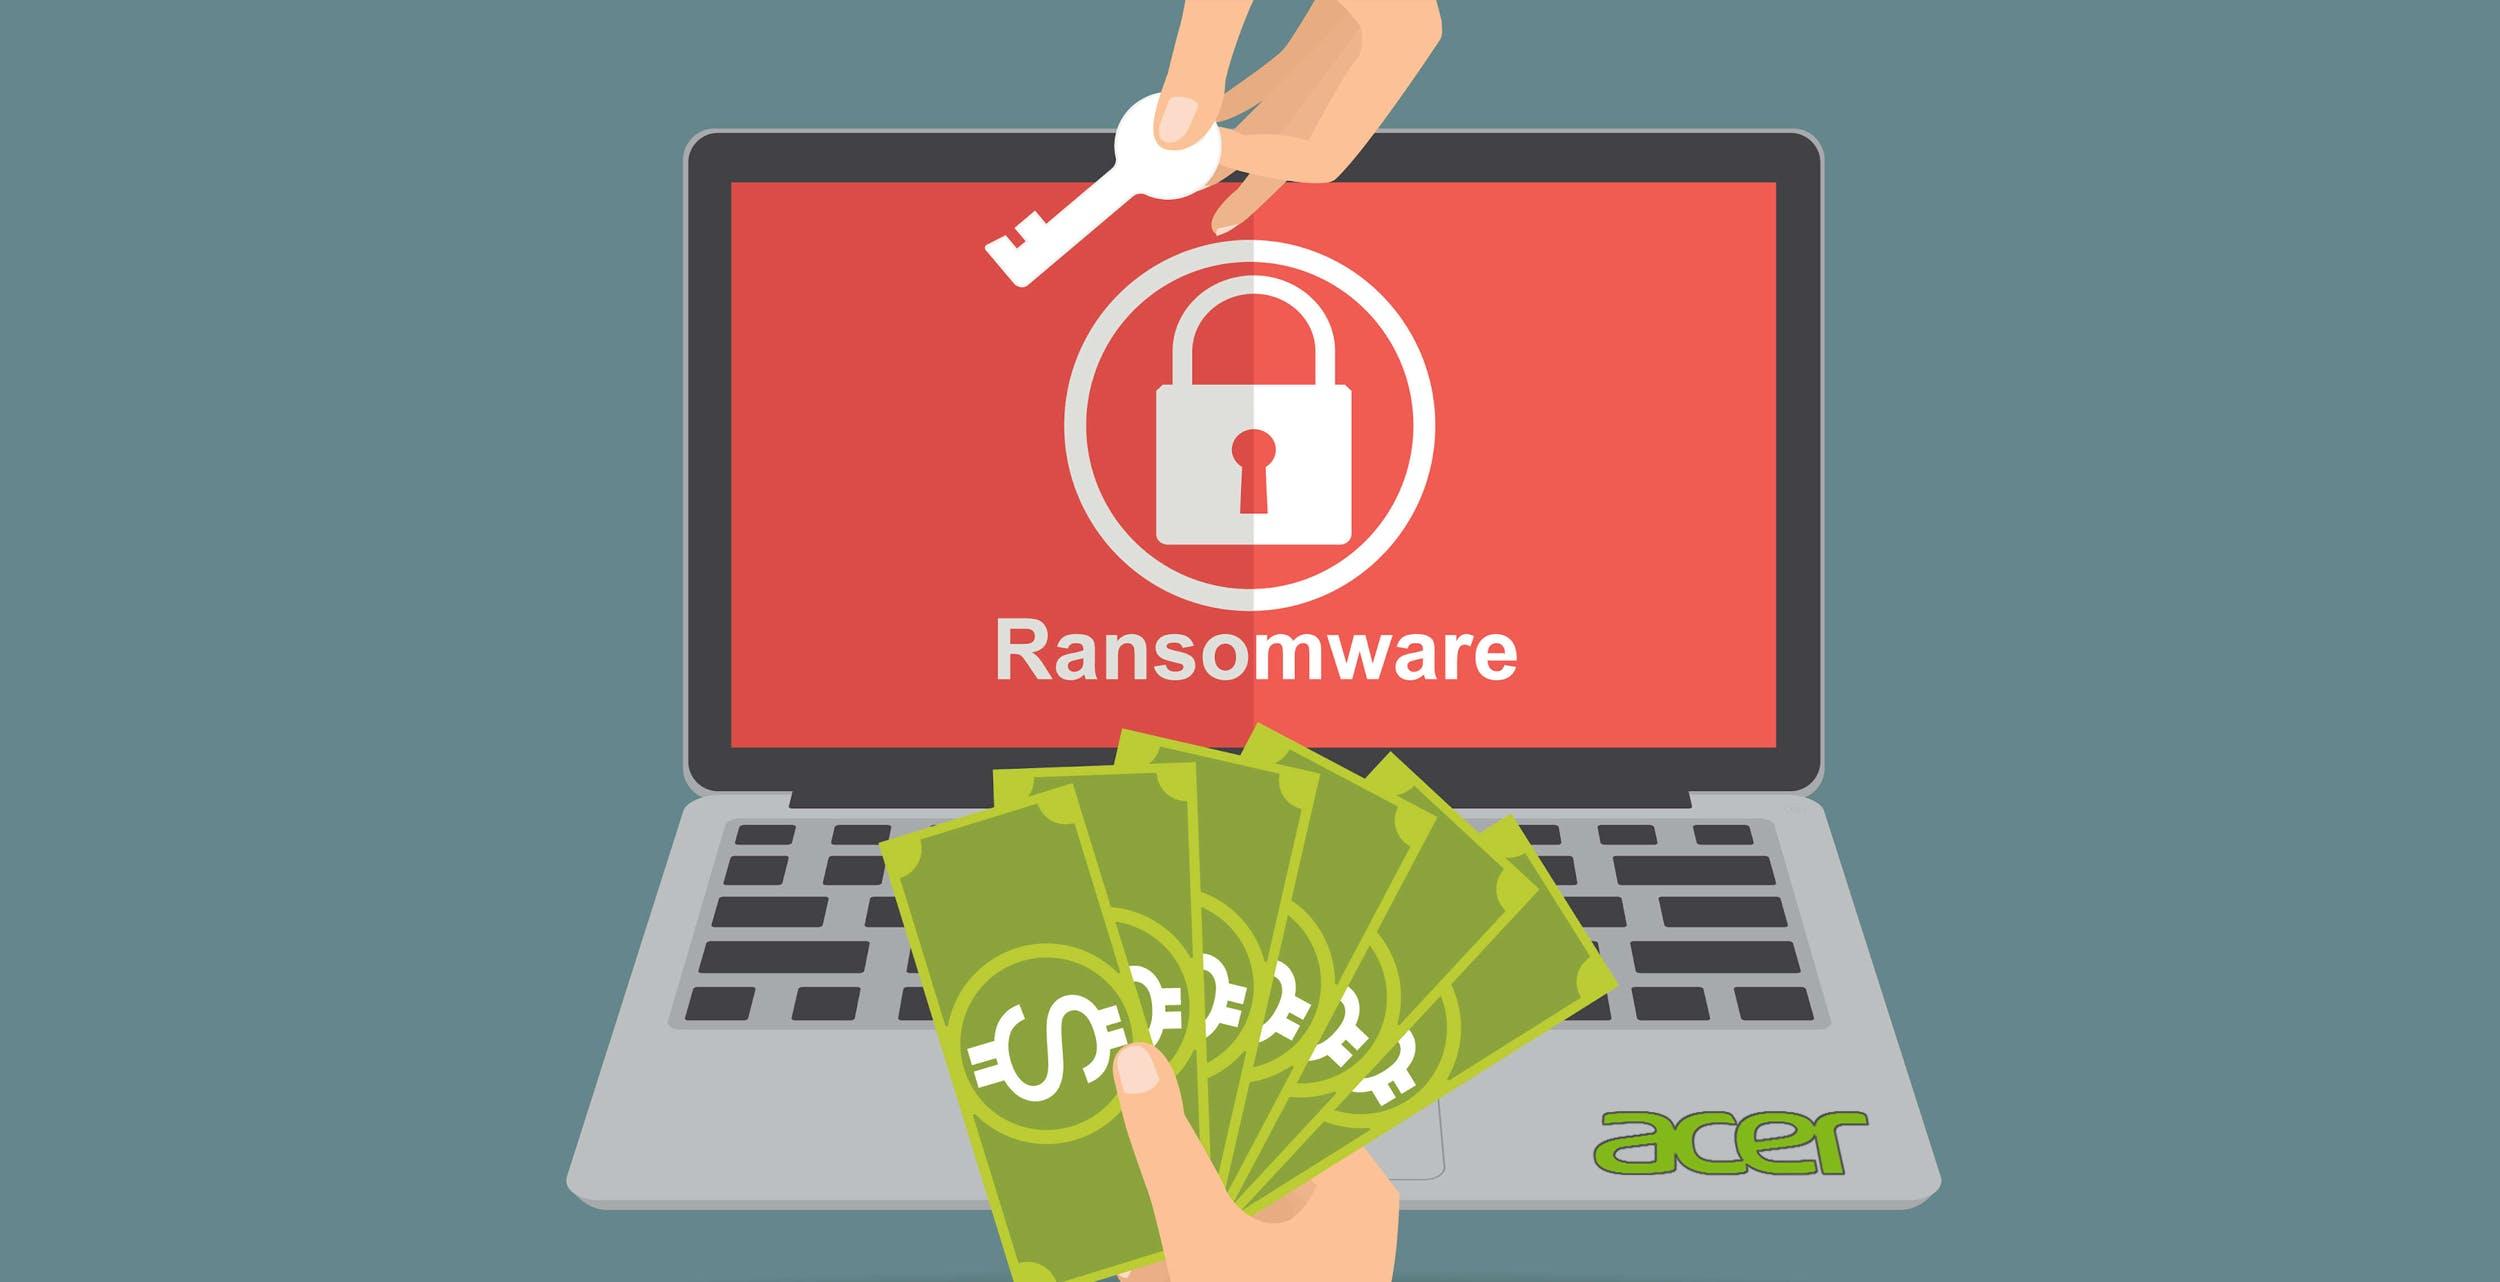 Bug di Exchange, Acer sotto attacco ransomware. Chiesti 50 milioni per non pubblicare i dati finanziari